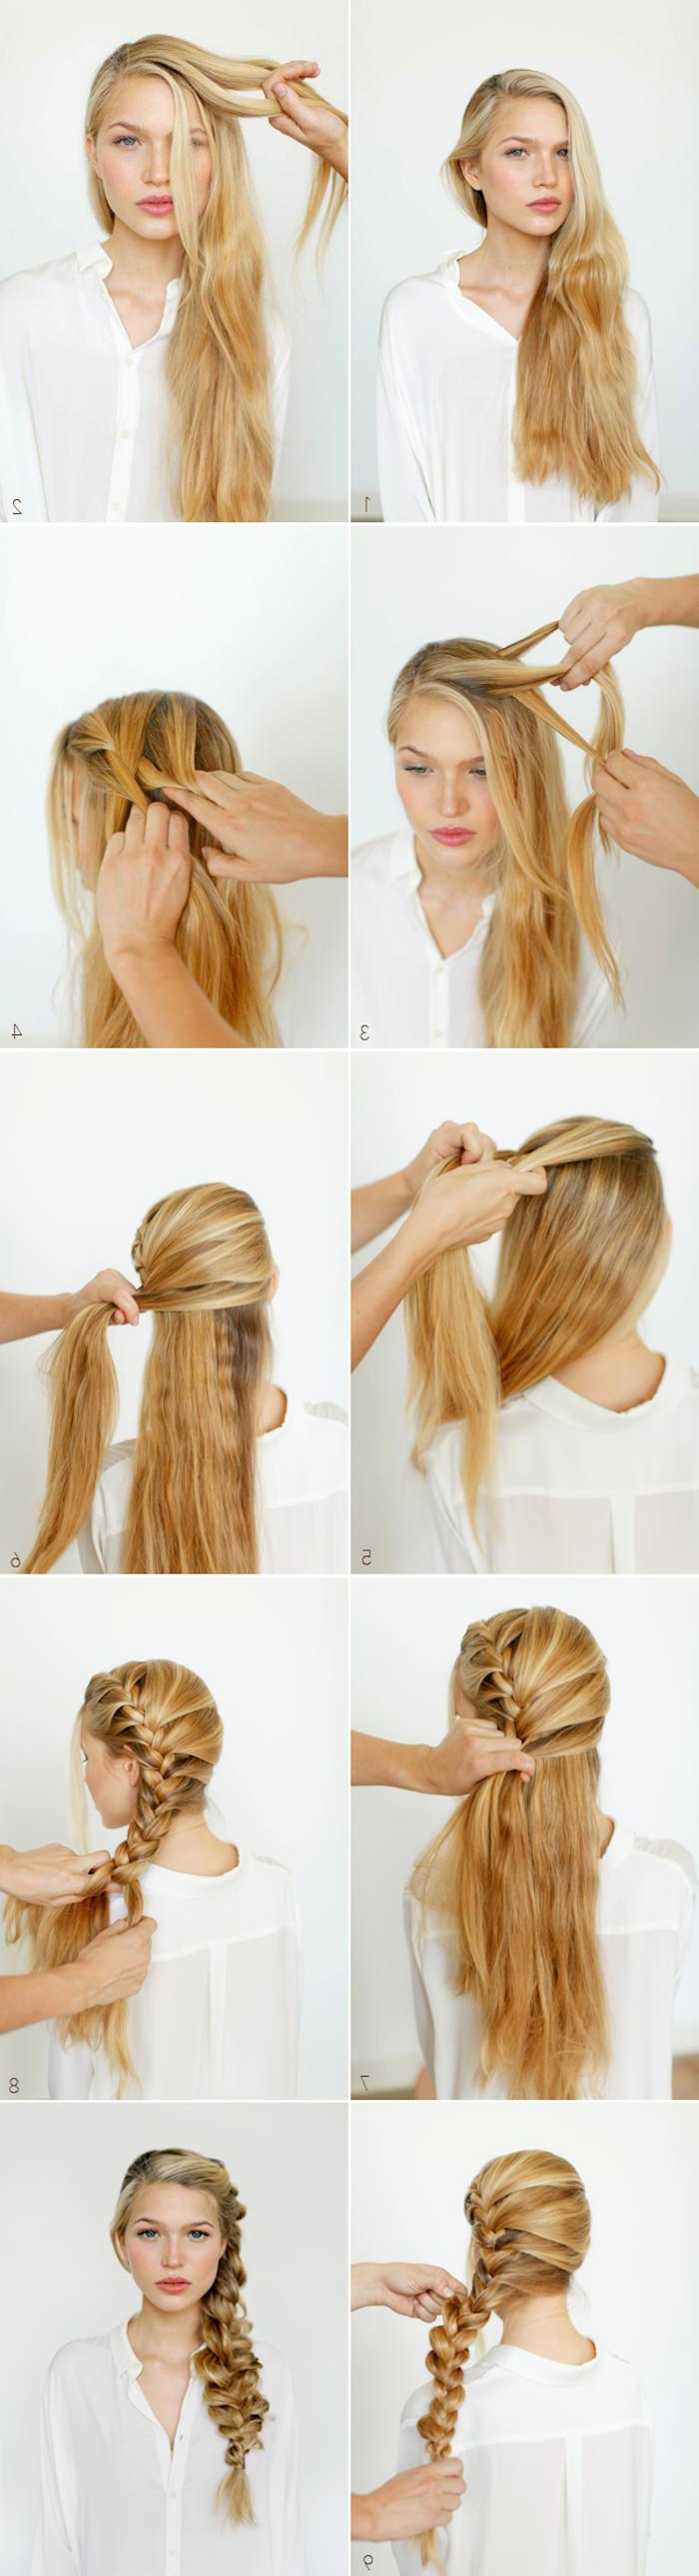 lange blonde haare, frisuren selber machen, lockerer seitenzopf, anleitung in bildern, flechtfrisur